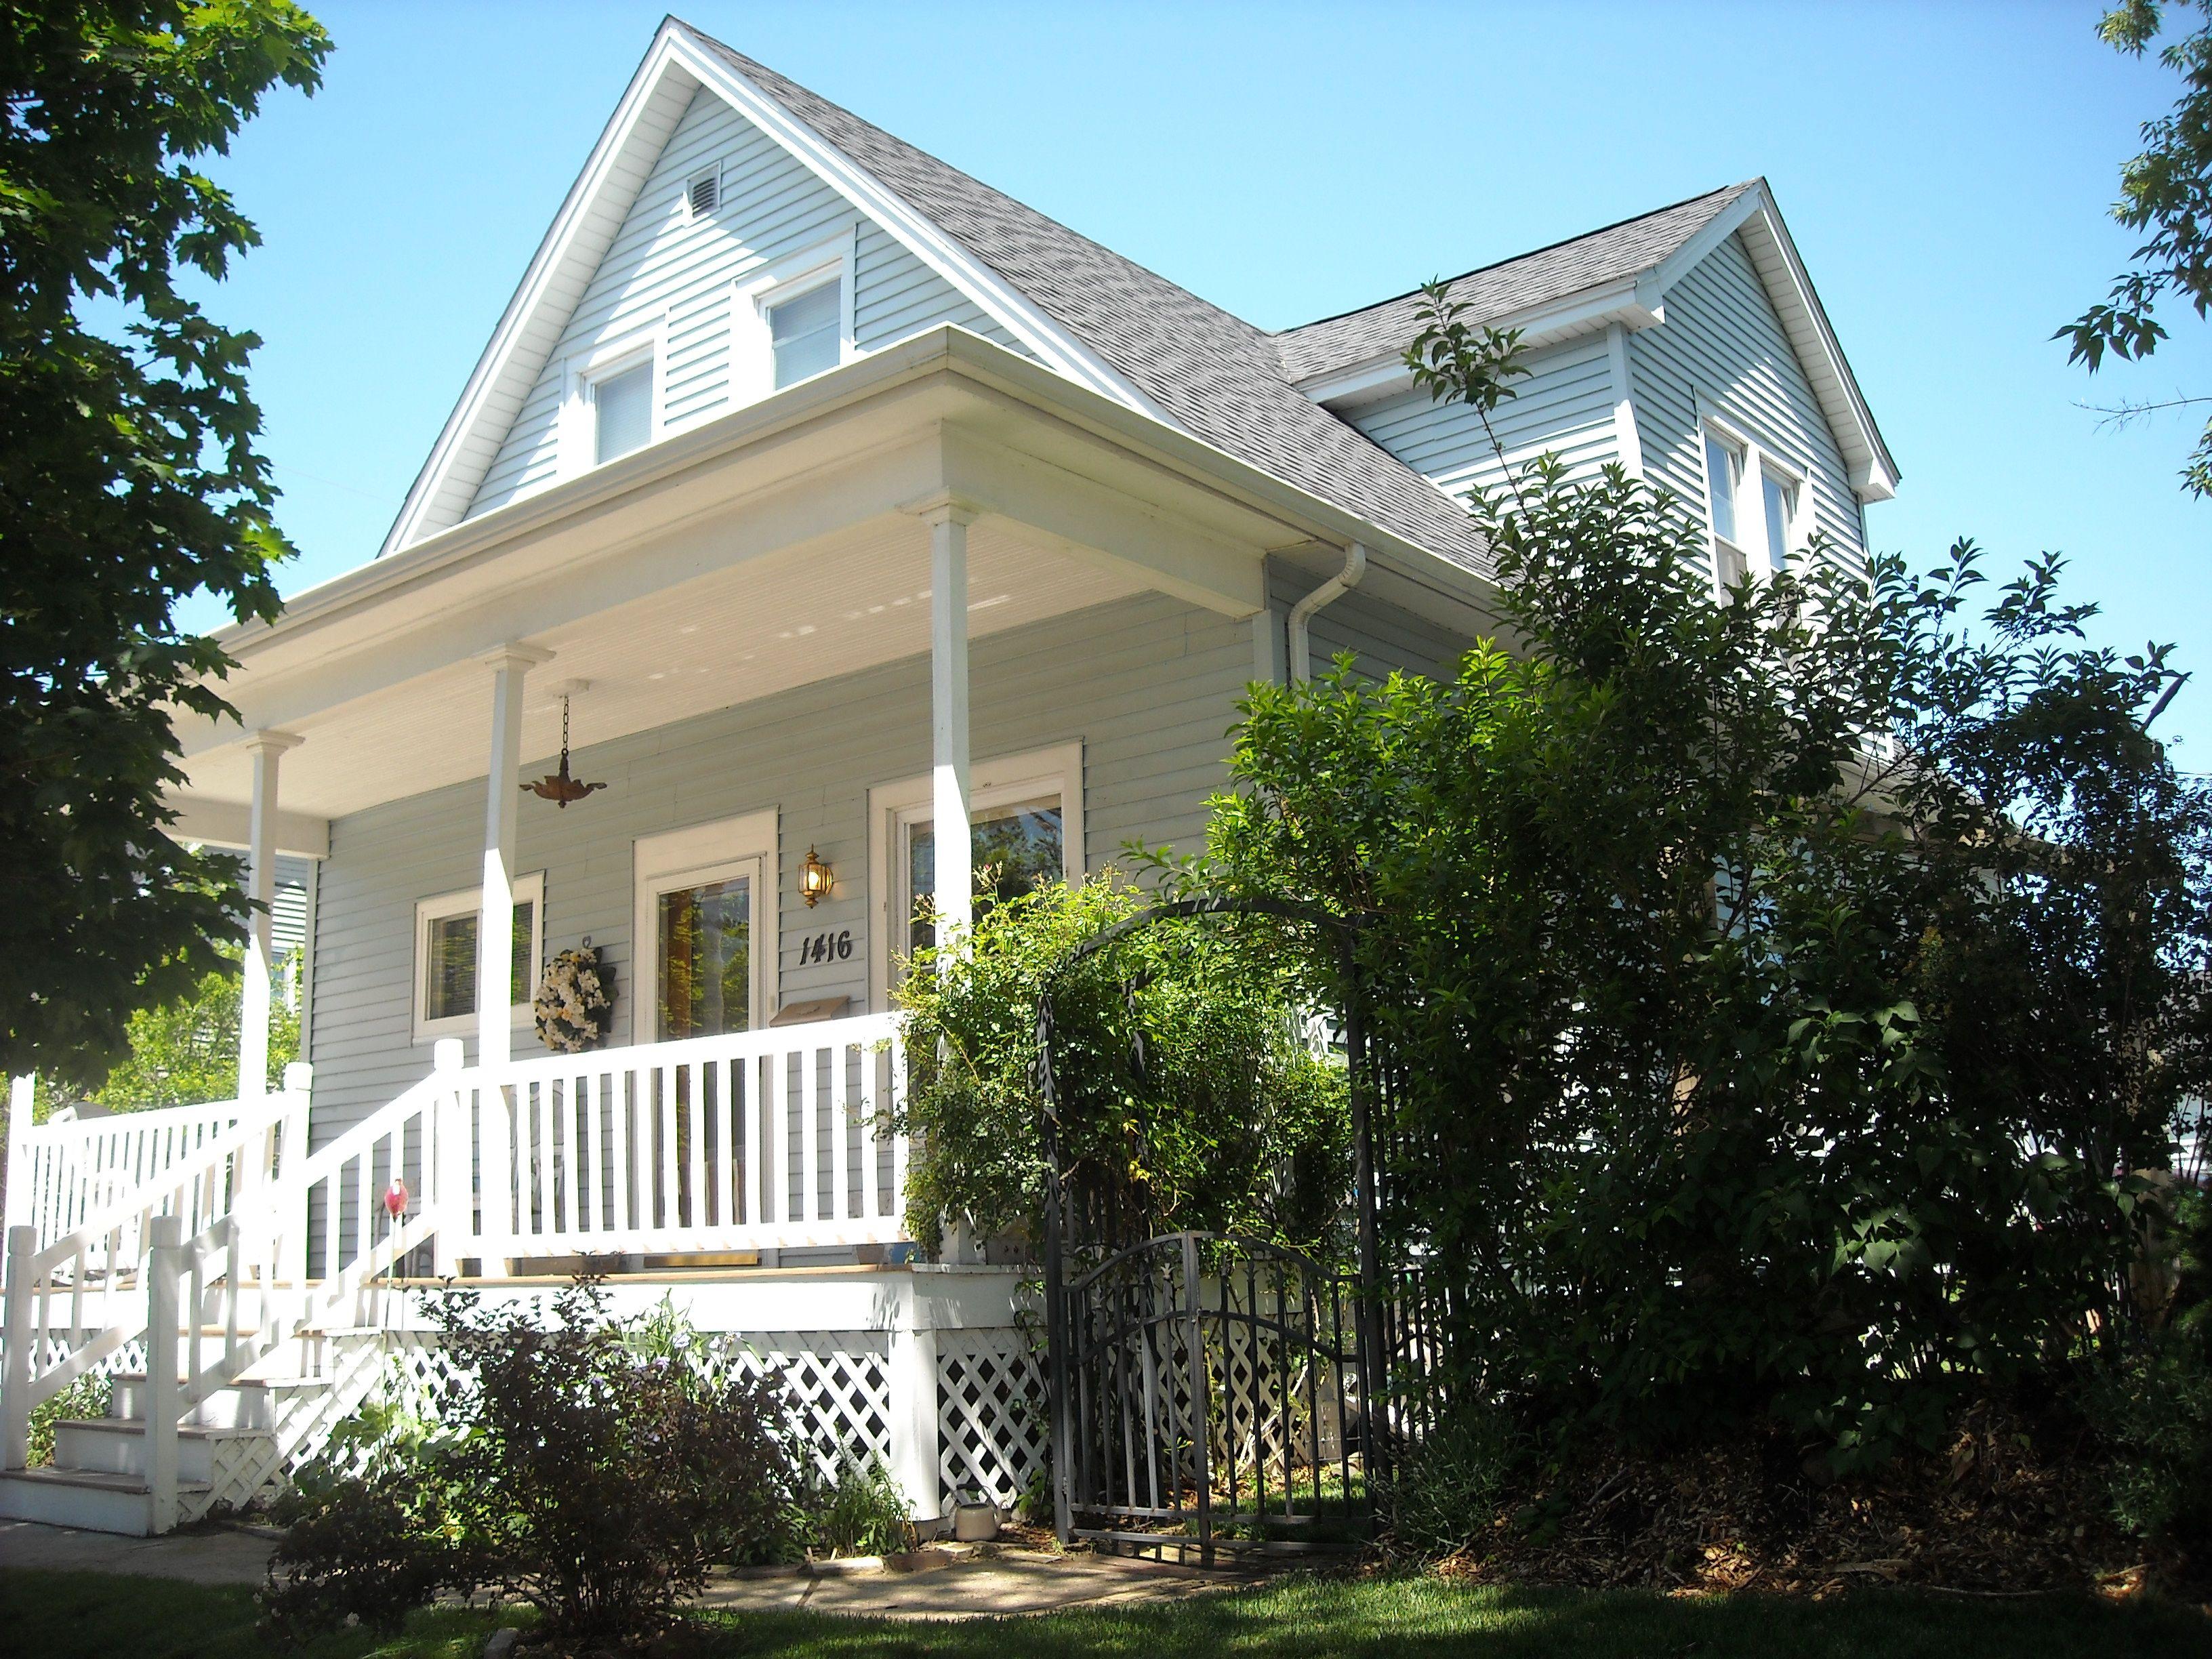 for sale only $114,500. 3-4 bedrooms 2 baths updated  find mor info at sheboyganbyowner.com